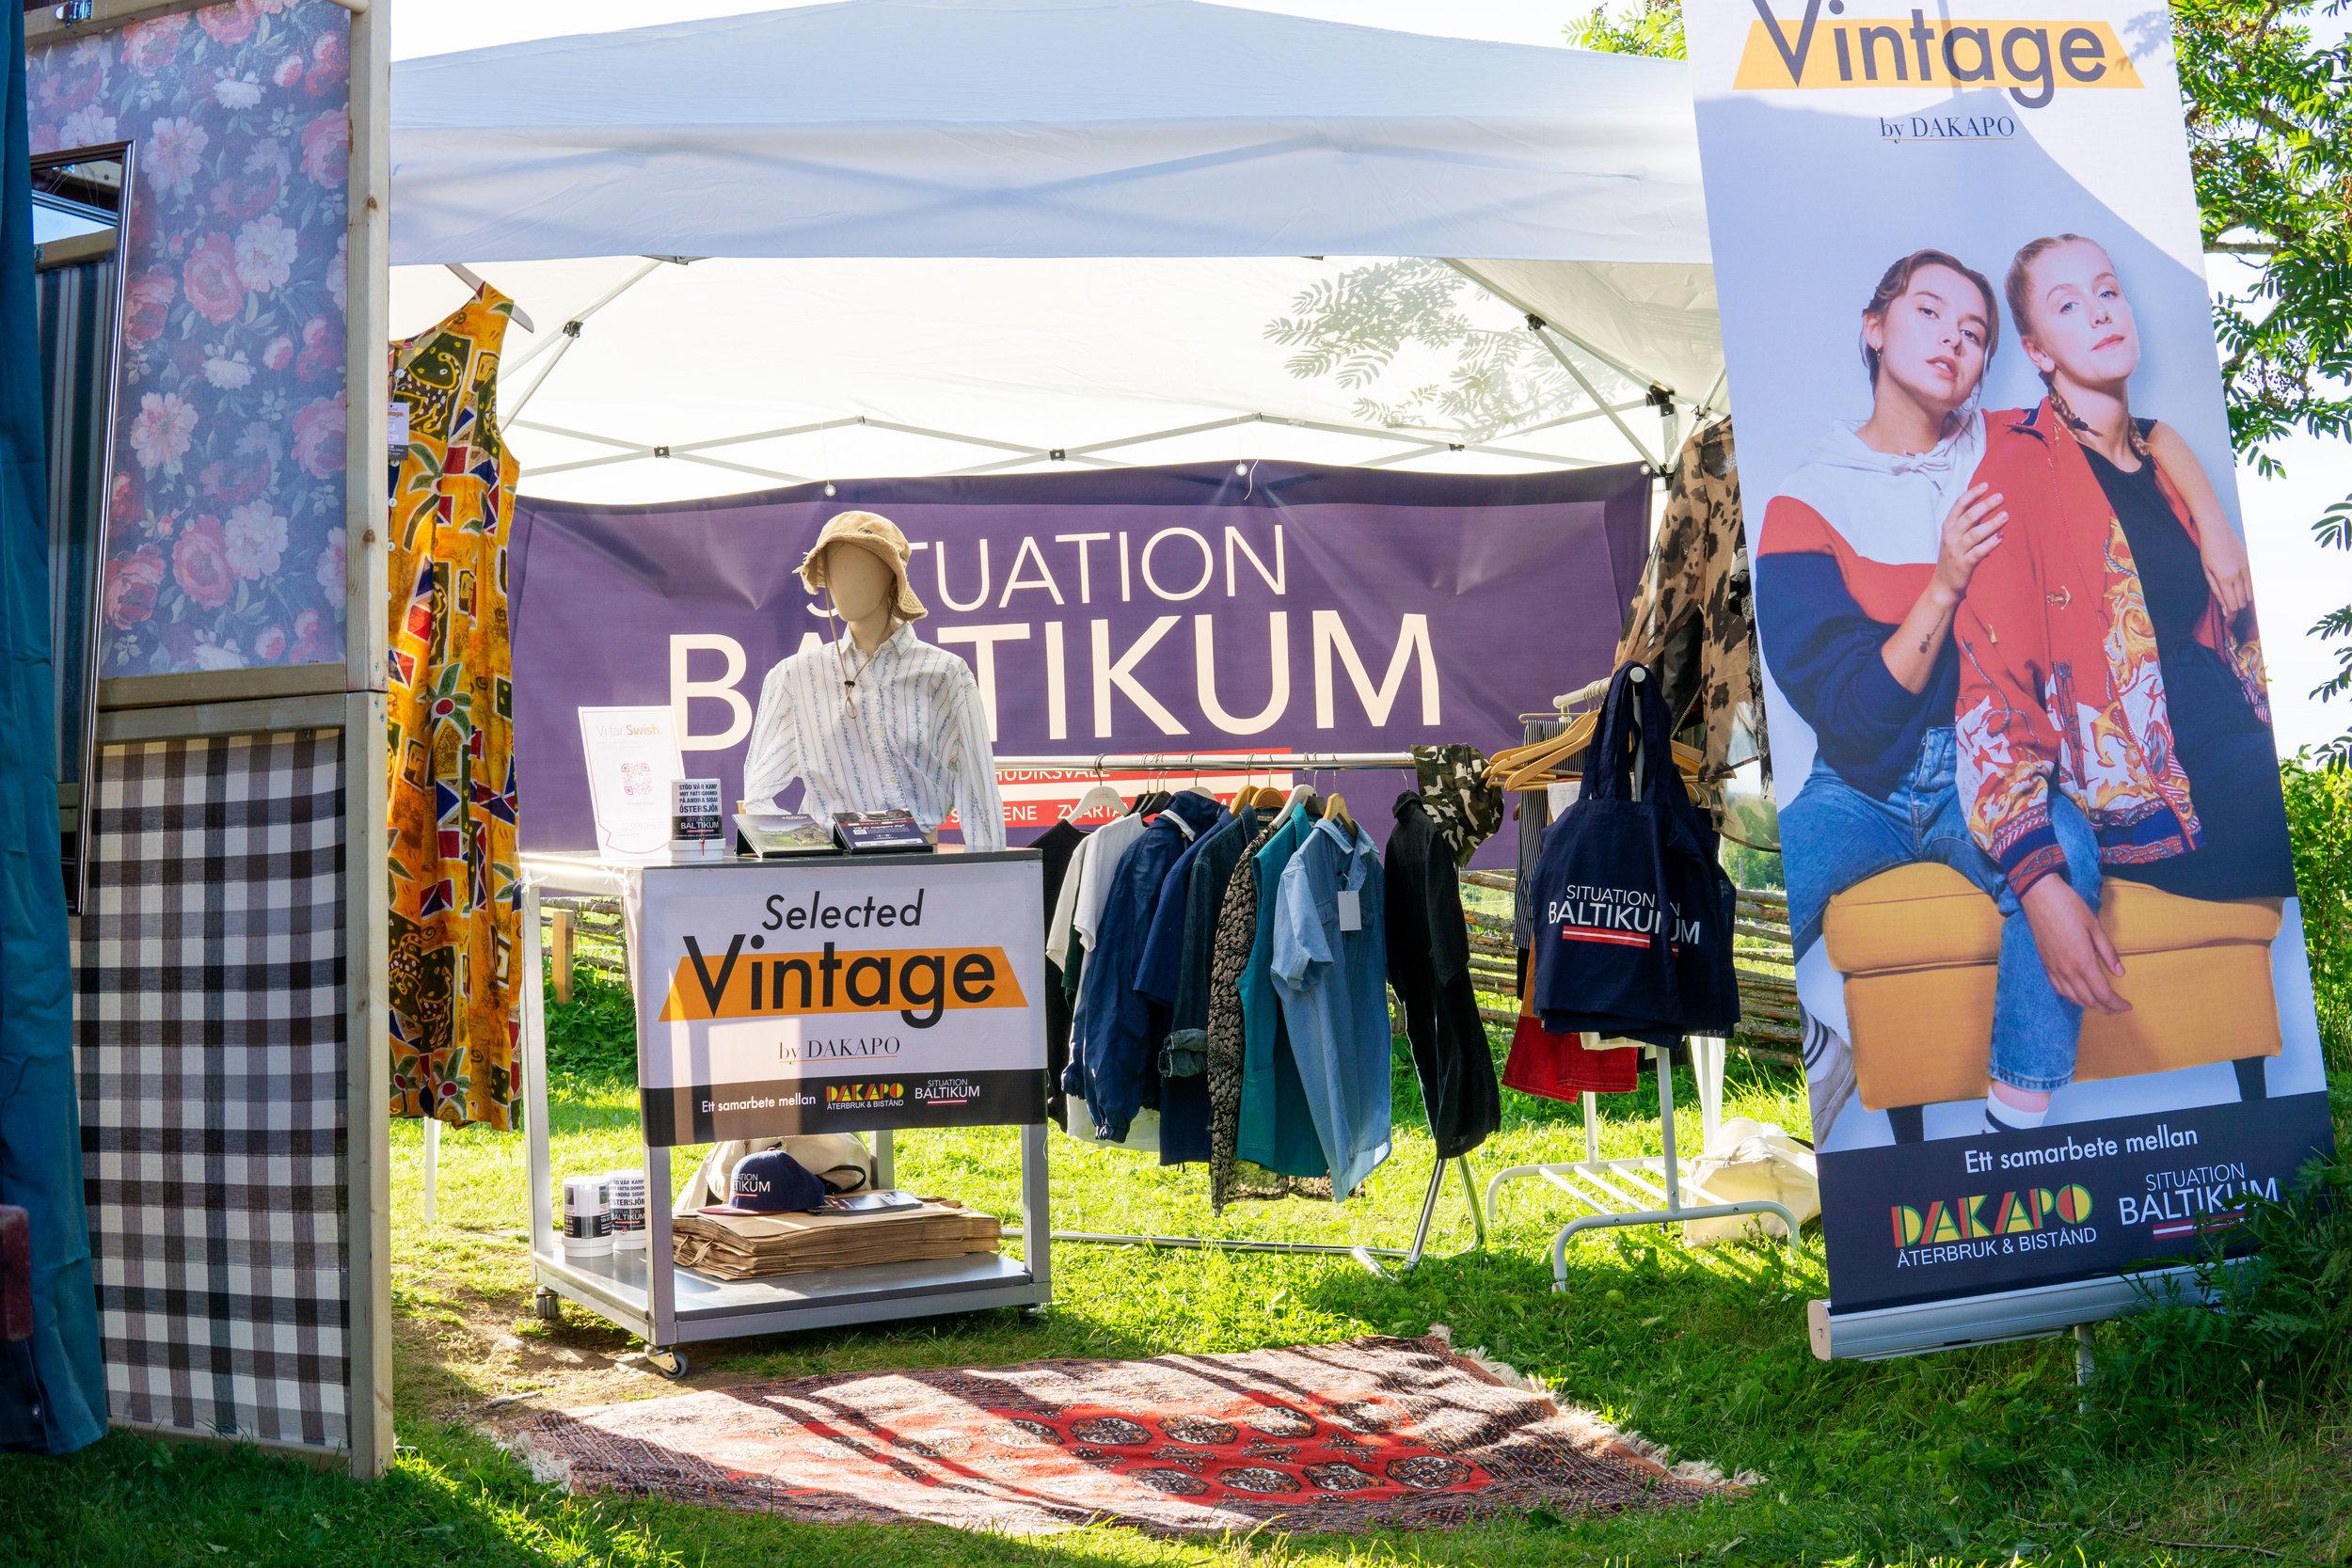 Selected Vintage by Dakapo - Utvald second hand för att locka fler unga att handla återbrukade kläder!